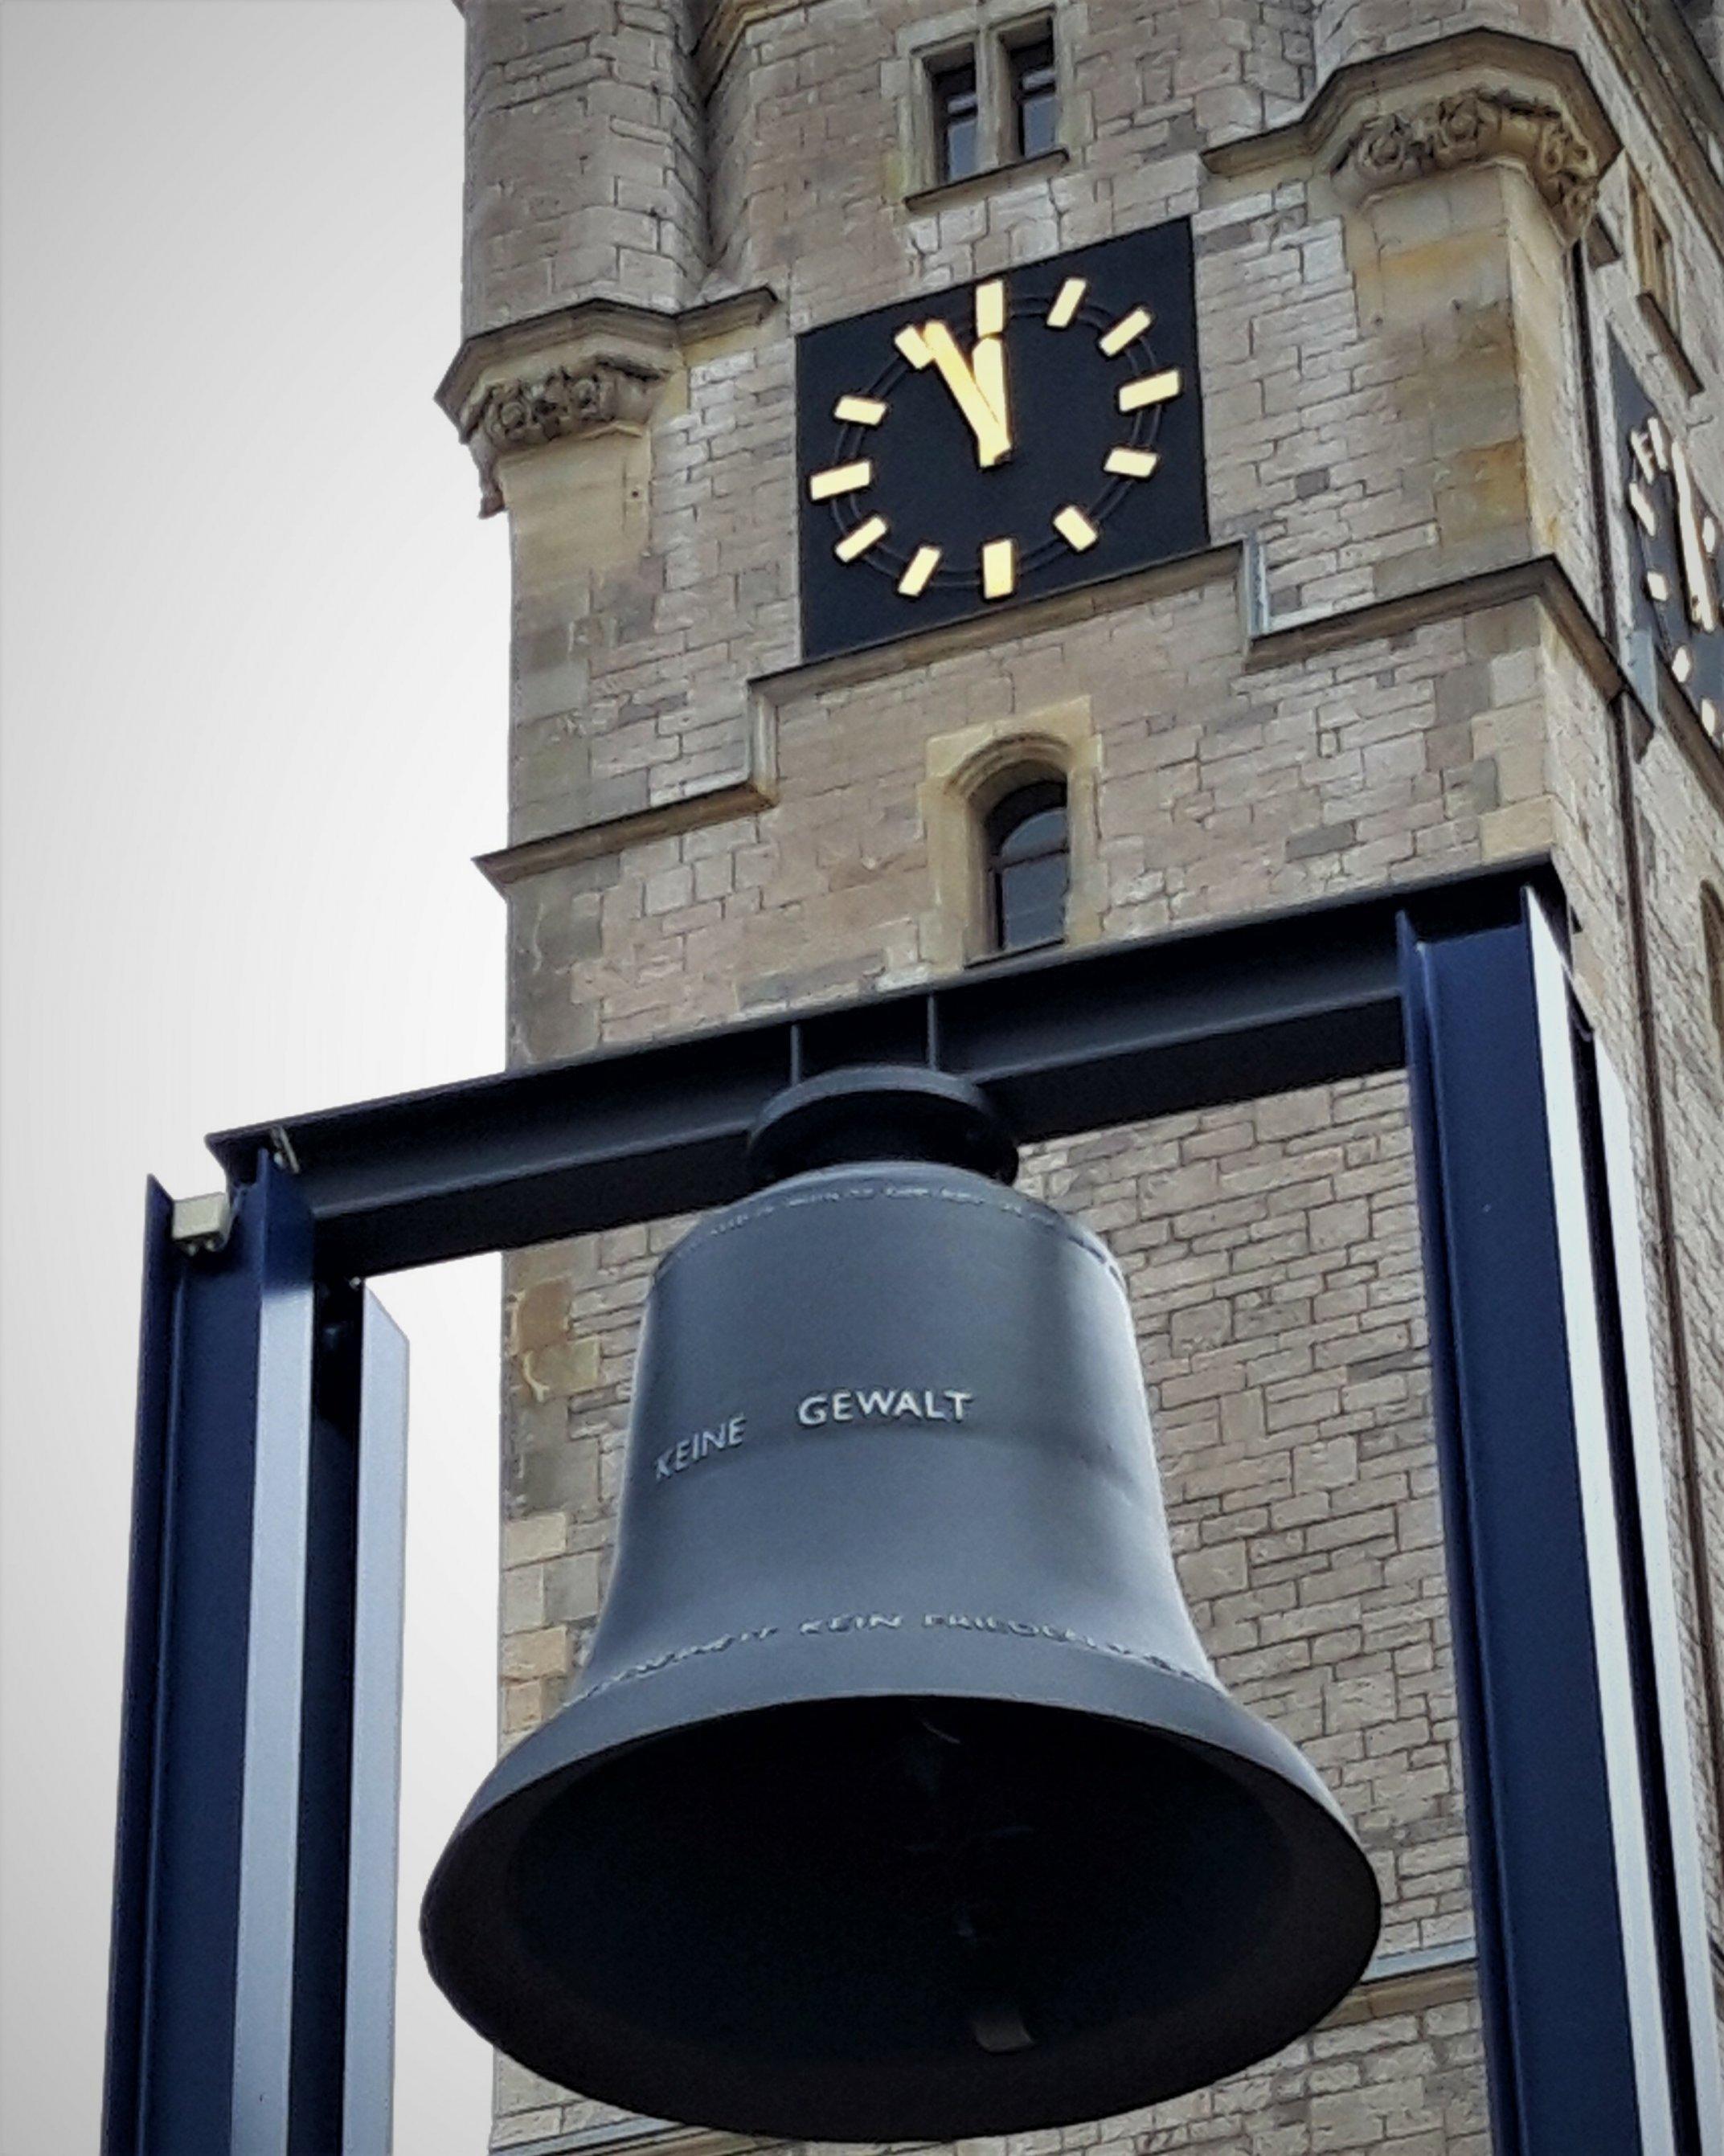 """Auf der Glocke vor dem Rathausturm steht """"keine Gewalt"""". Die Tumuhr zeigt fünf vor Zwölf."""